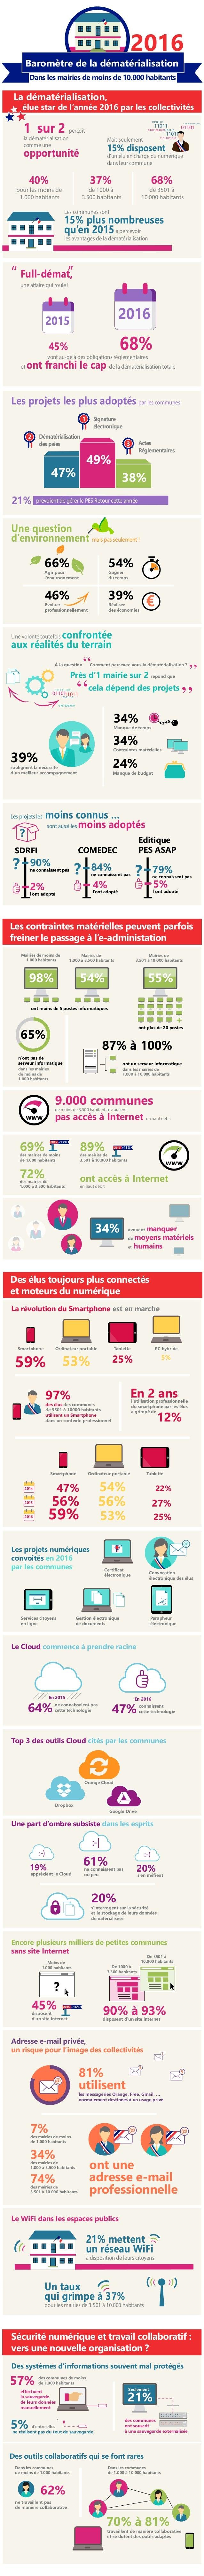 49% 47% 38% Signature électronique Actes Réglementaires Dématérialisation des paies 1 2 3 La dématérialisation, élue star ...